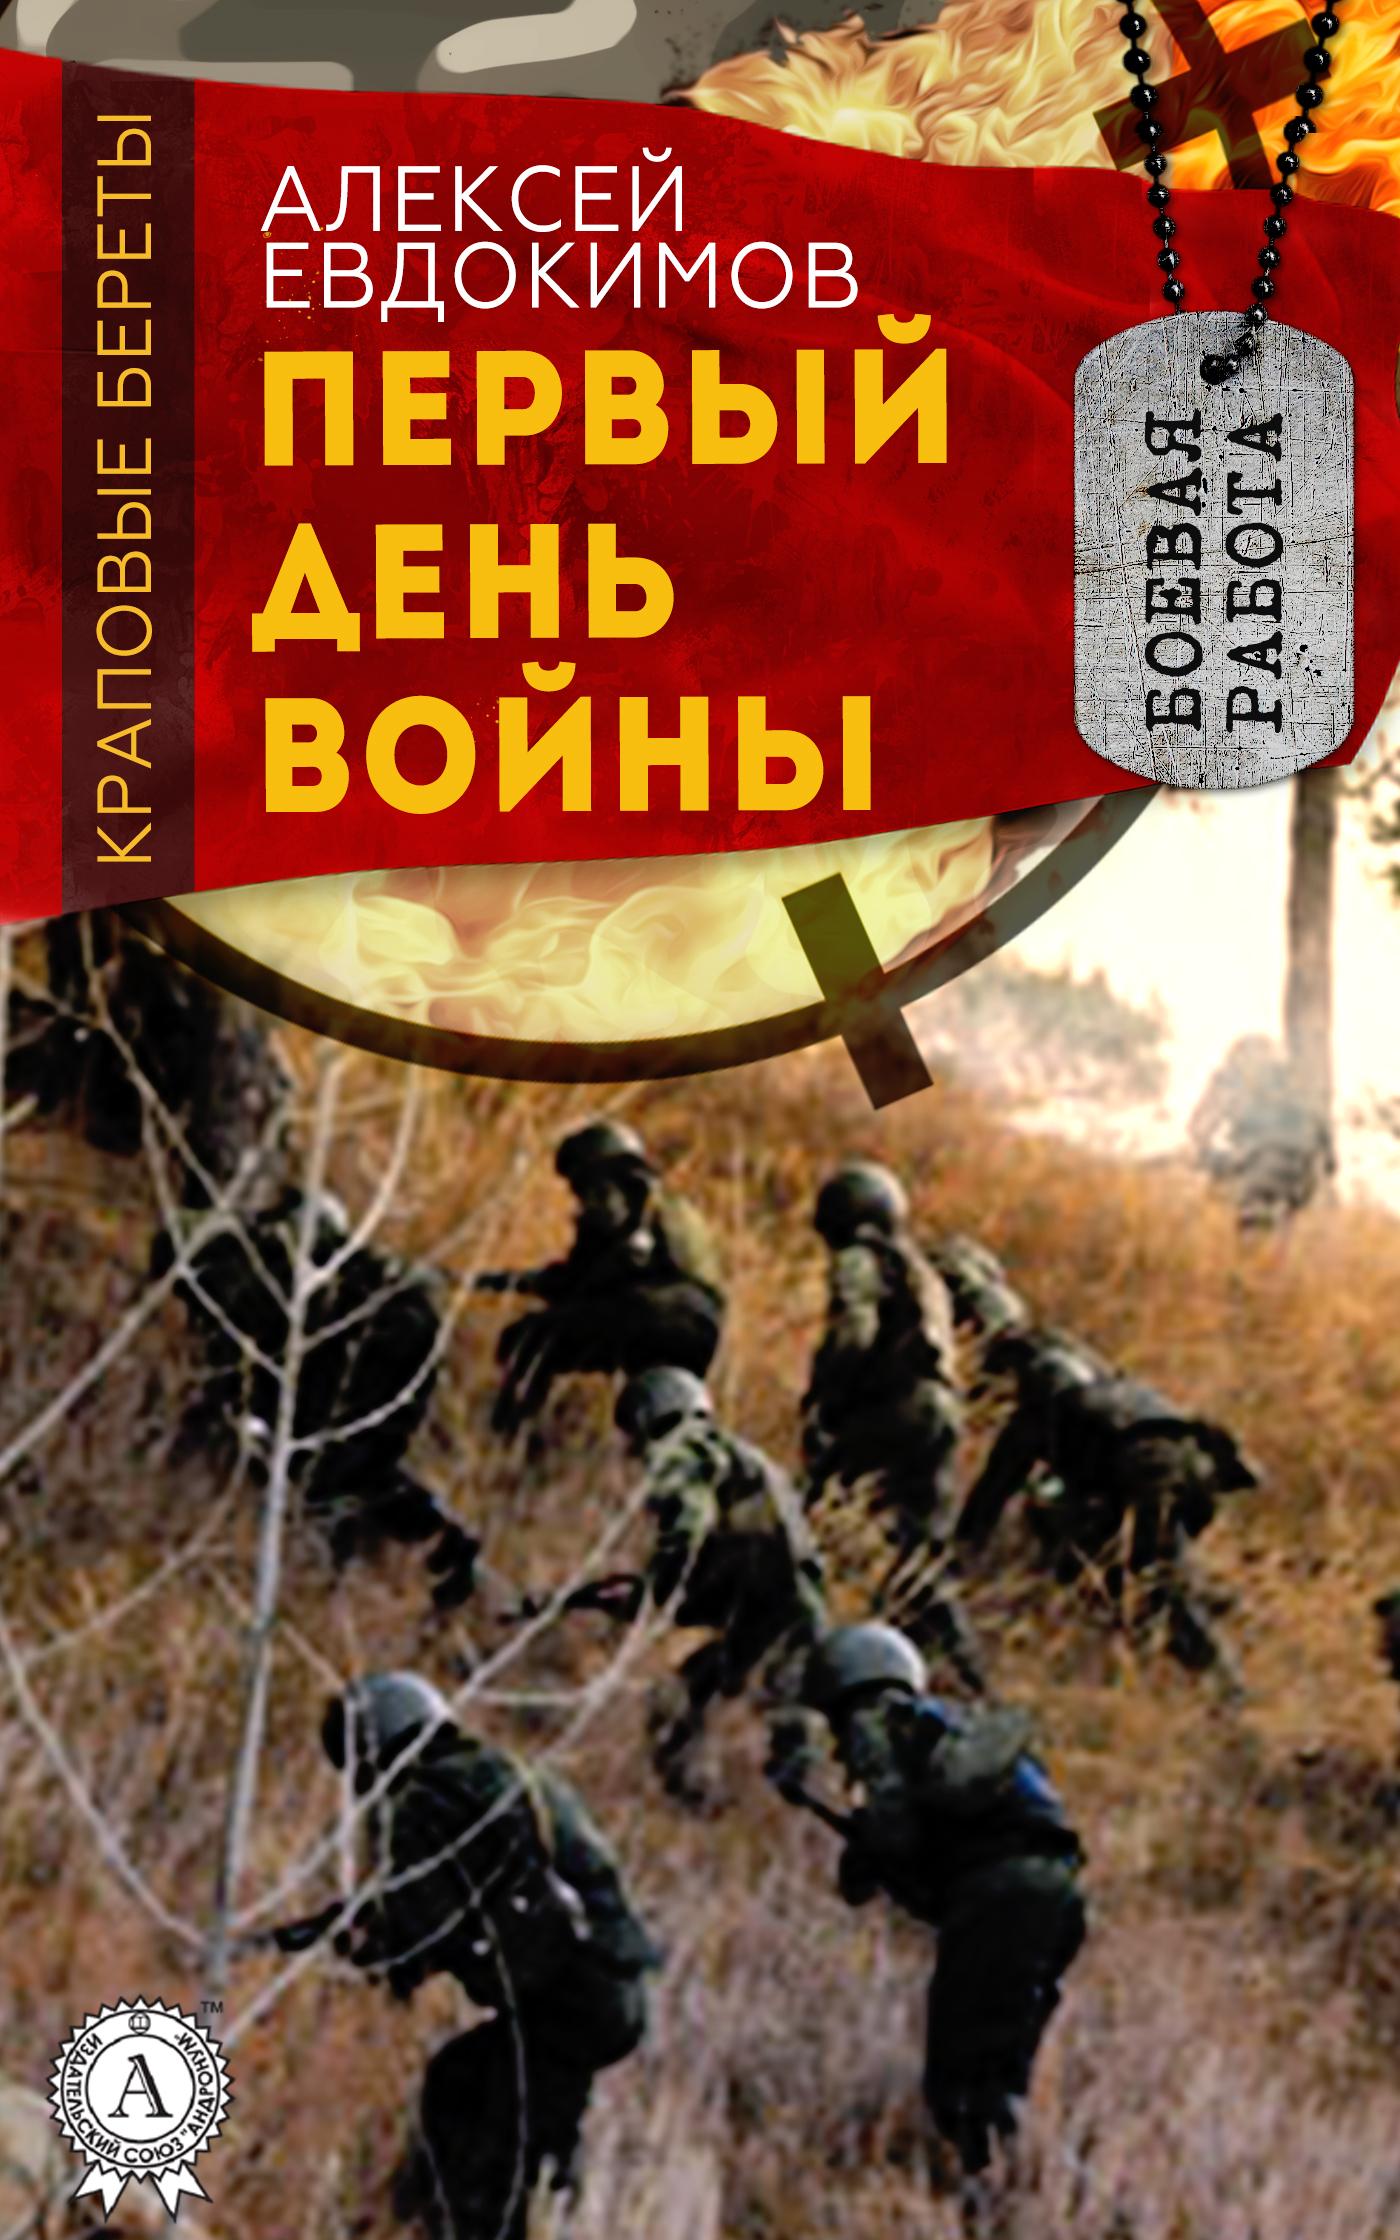 Алексей Евдокимов - Первый день войны